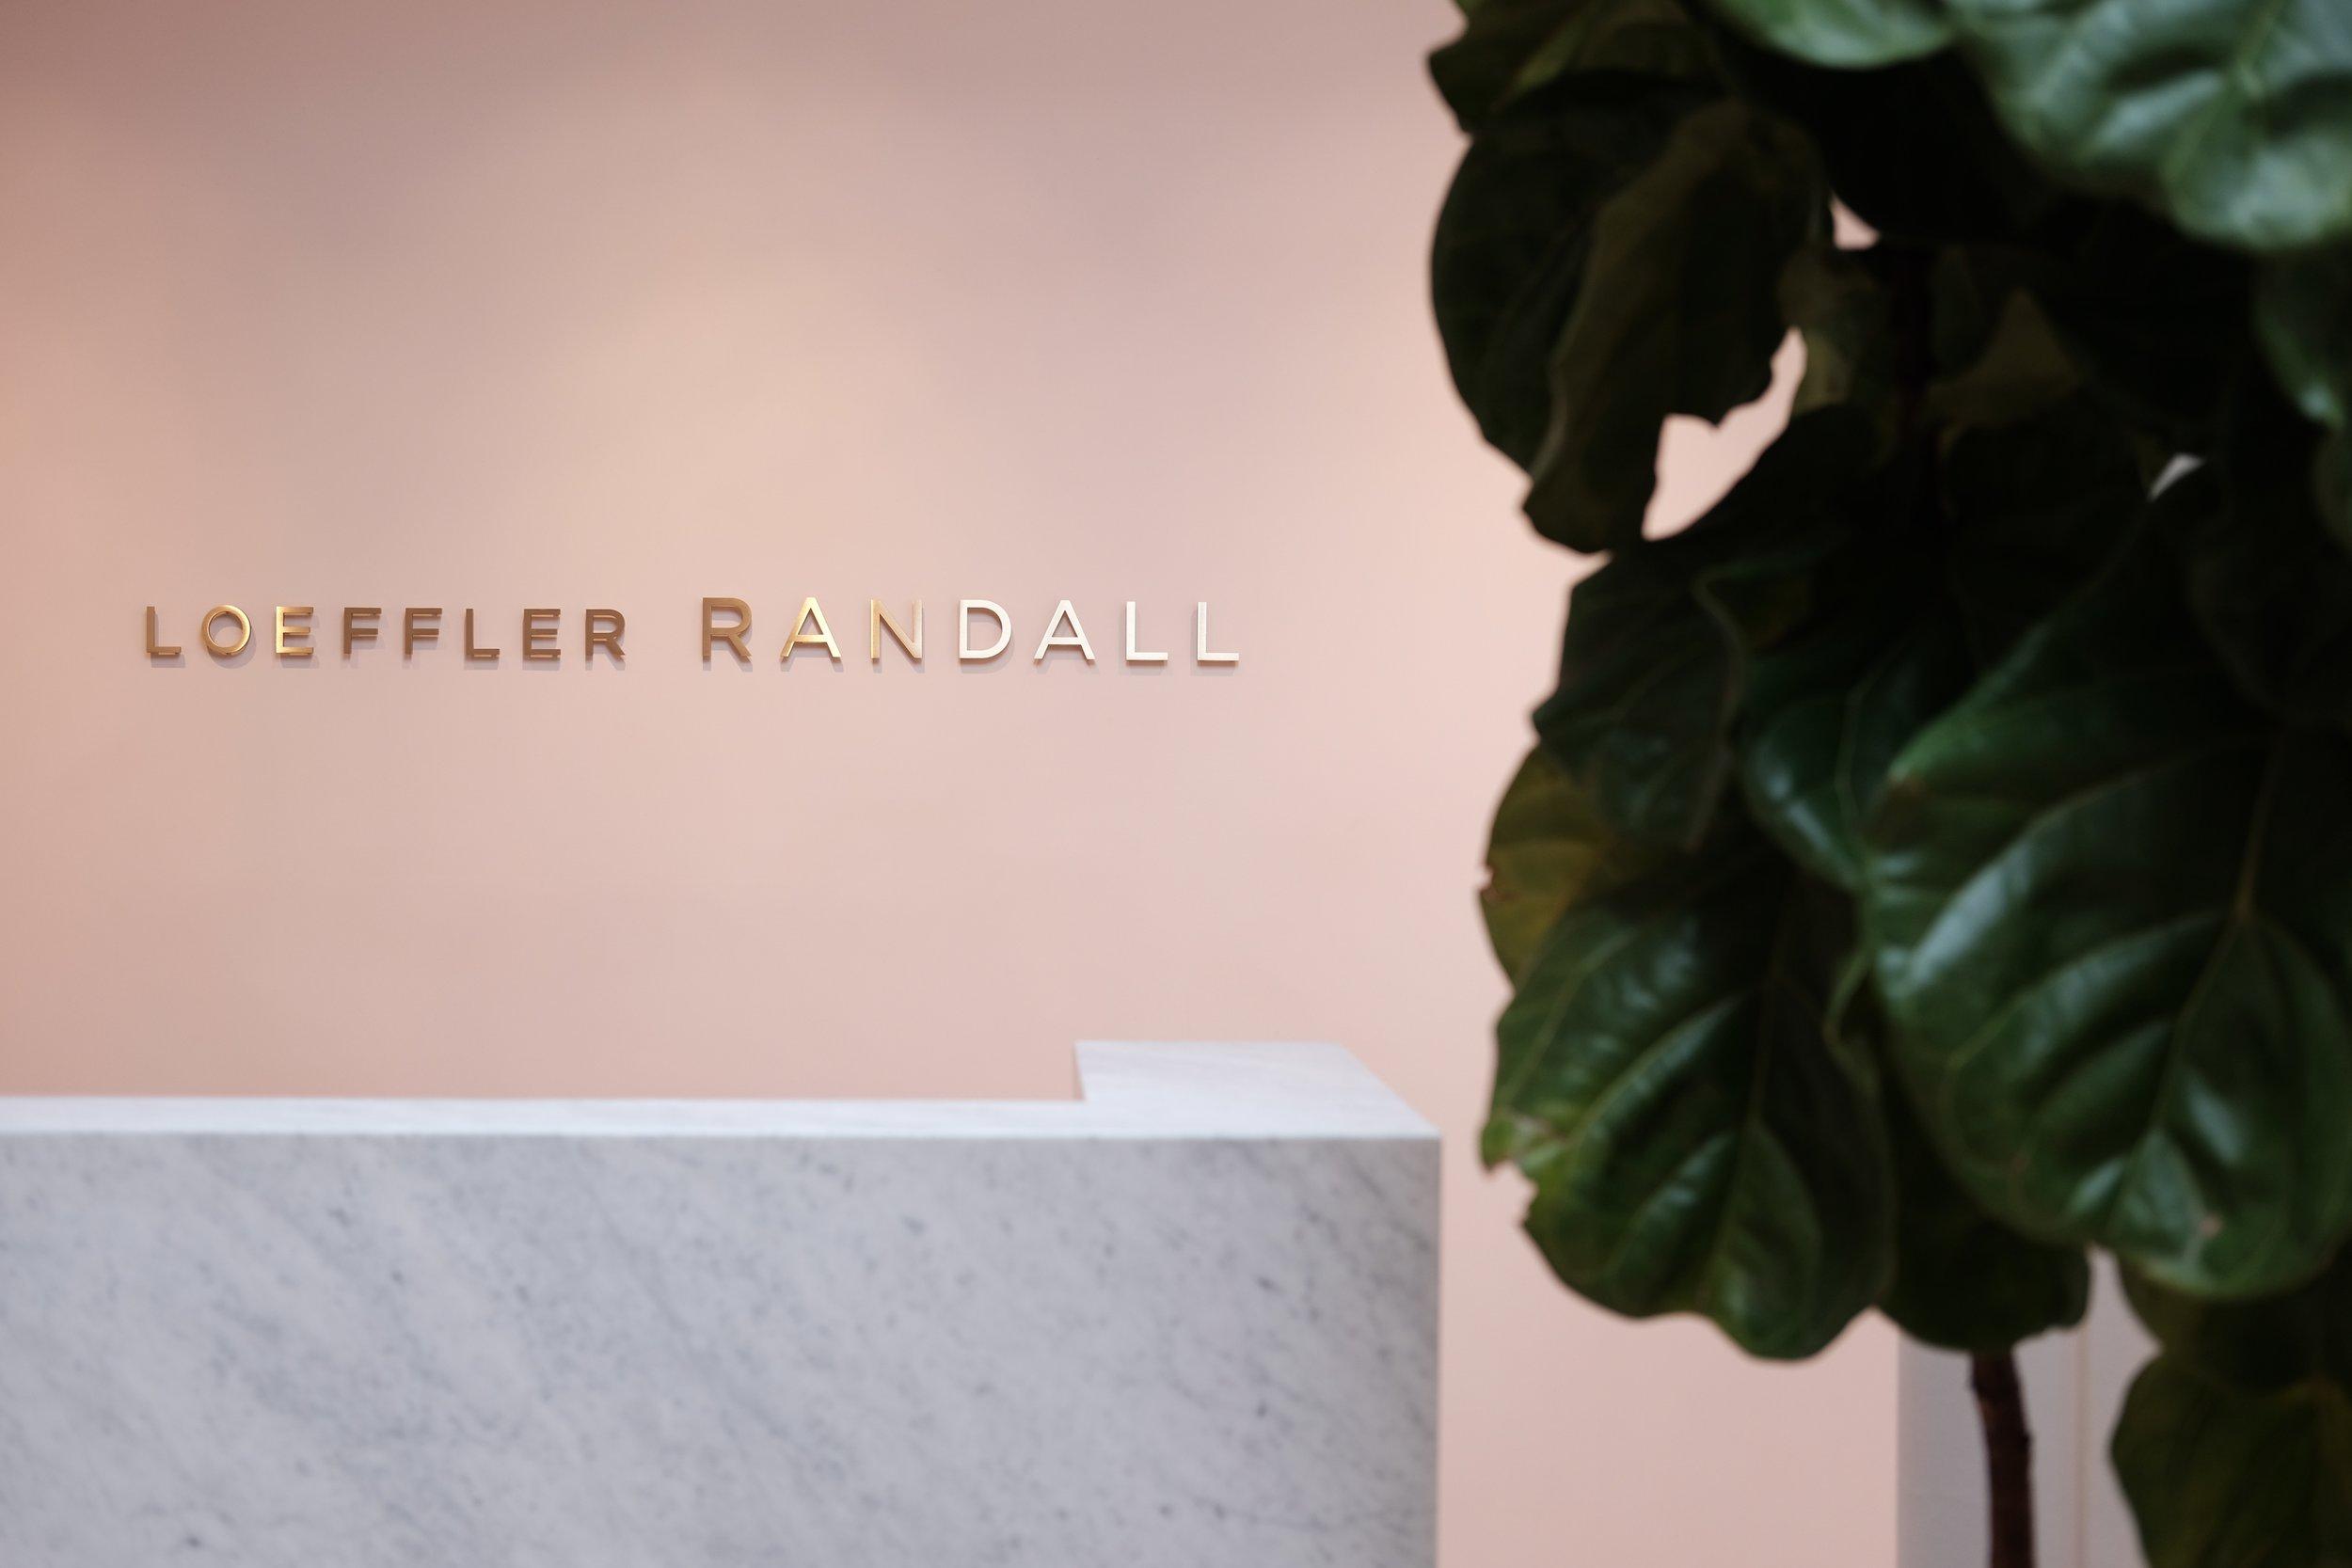 Reception at  Loeffler Randall.